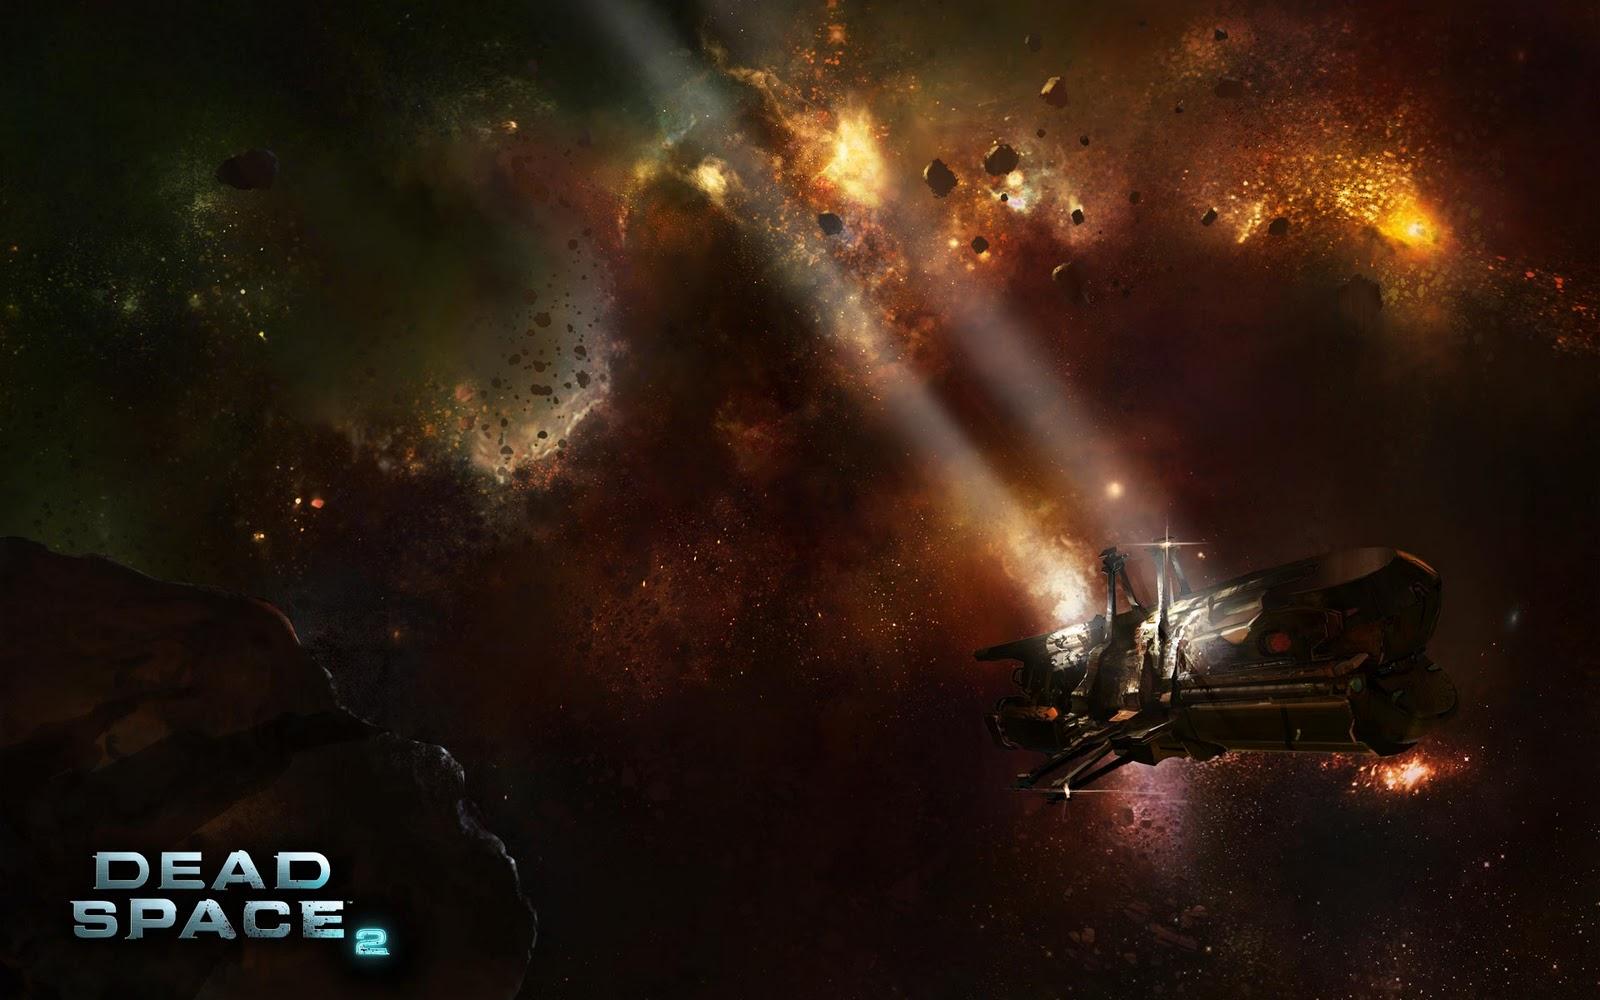 Nuevos Wallpapers De Dead Space 2 Hd Griffinskato